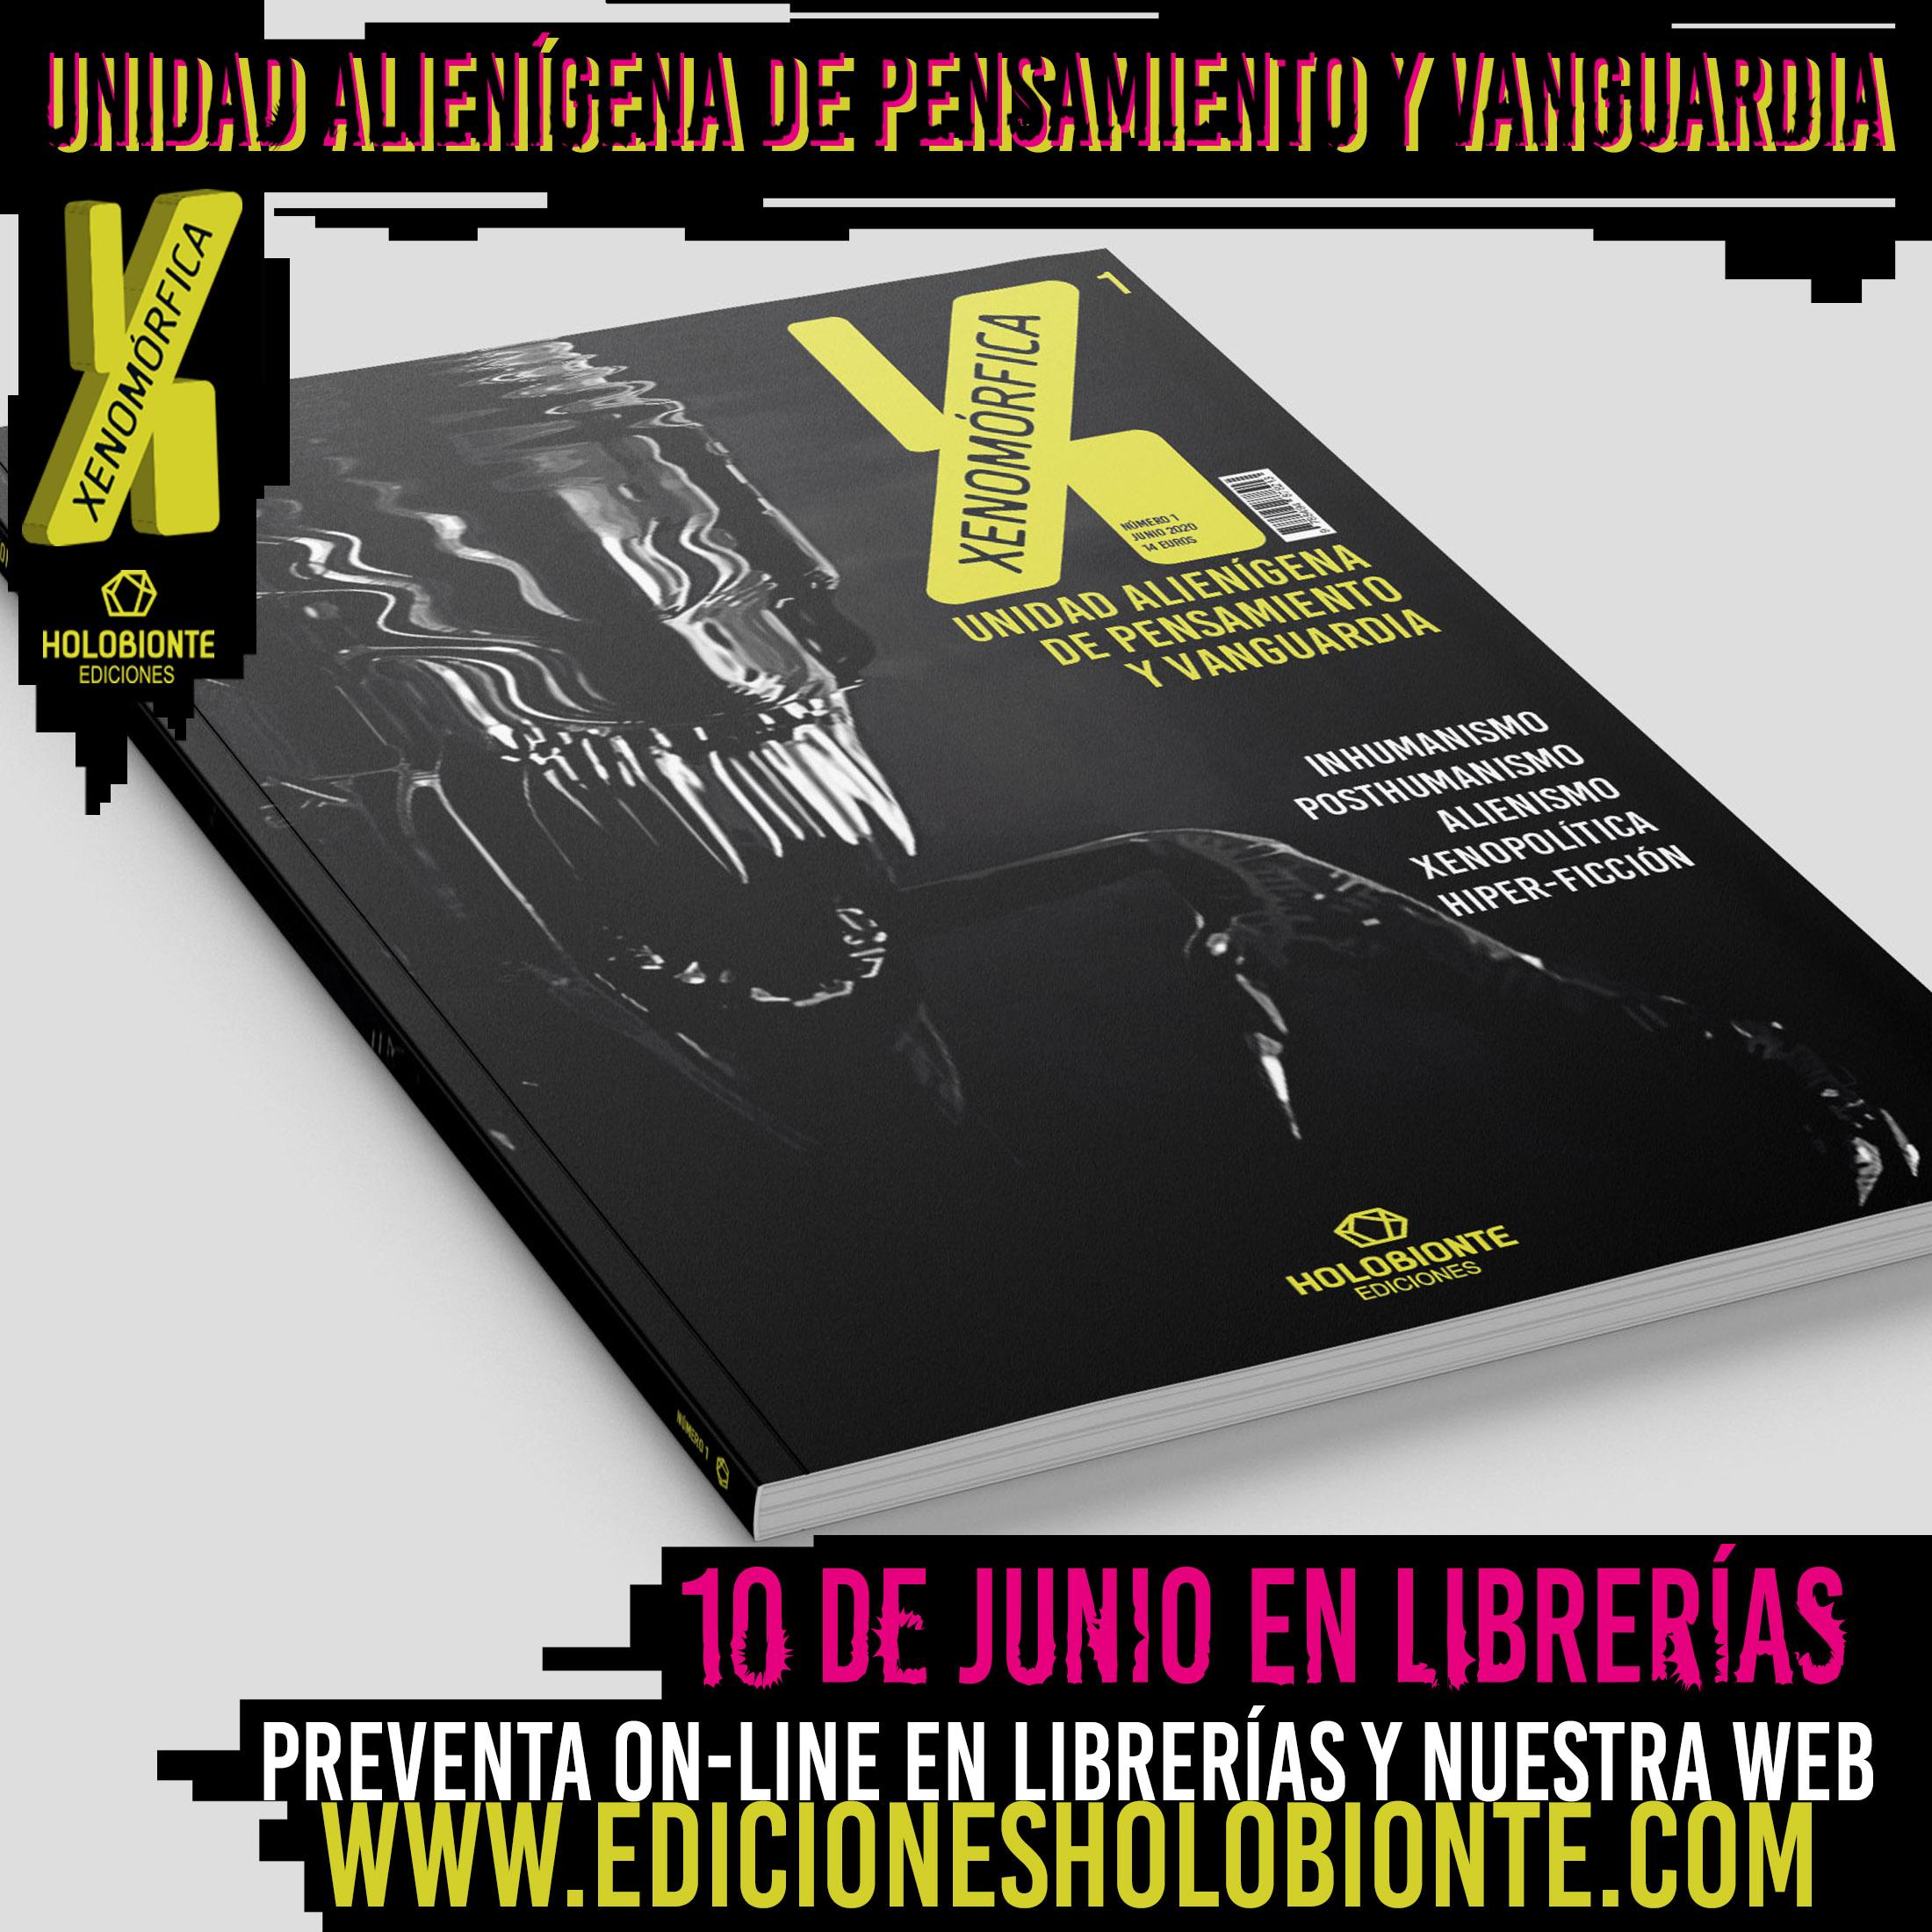 Creación de revista, diseño gráfico de la revista Xenomórfica